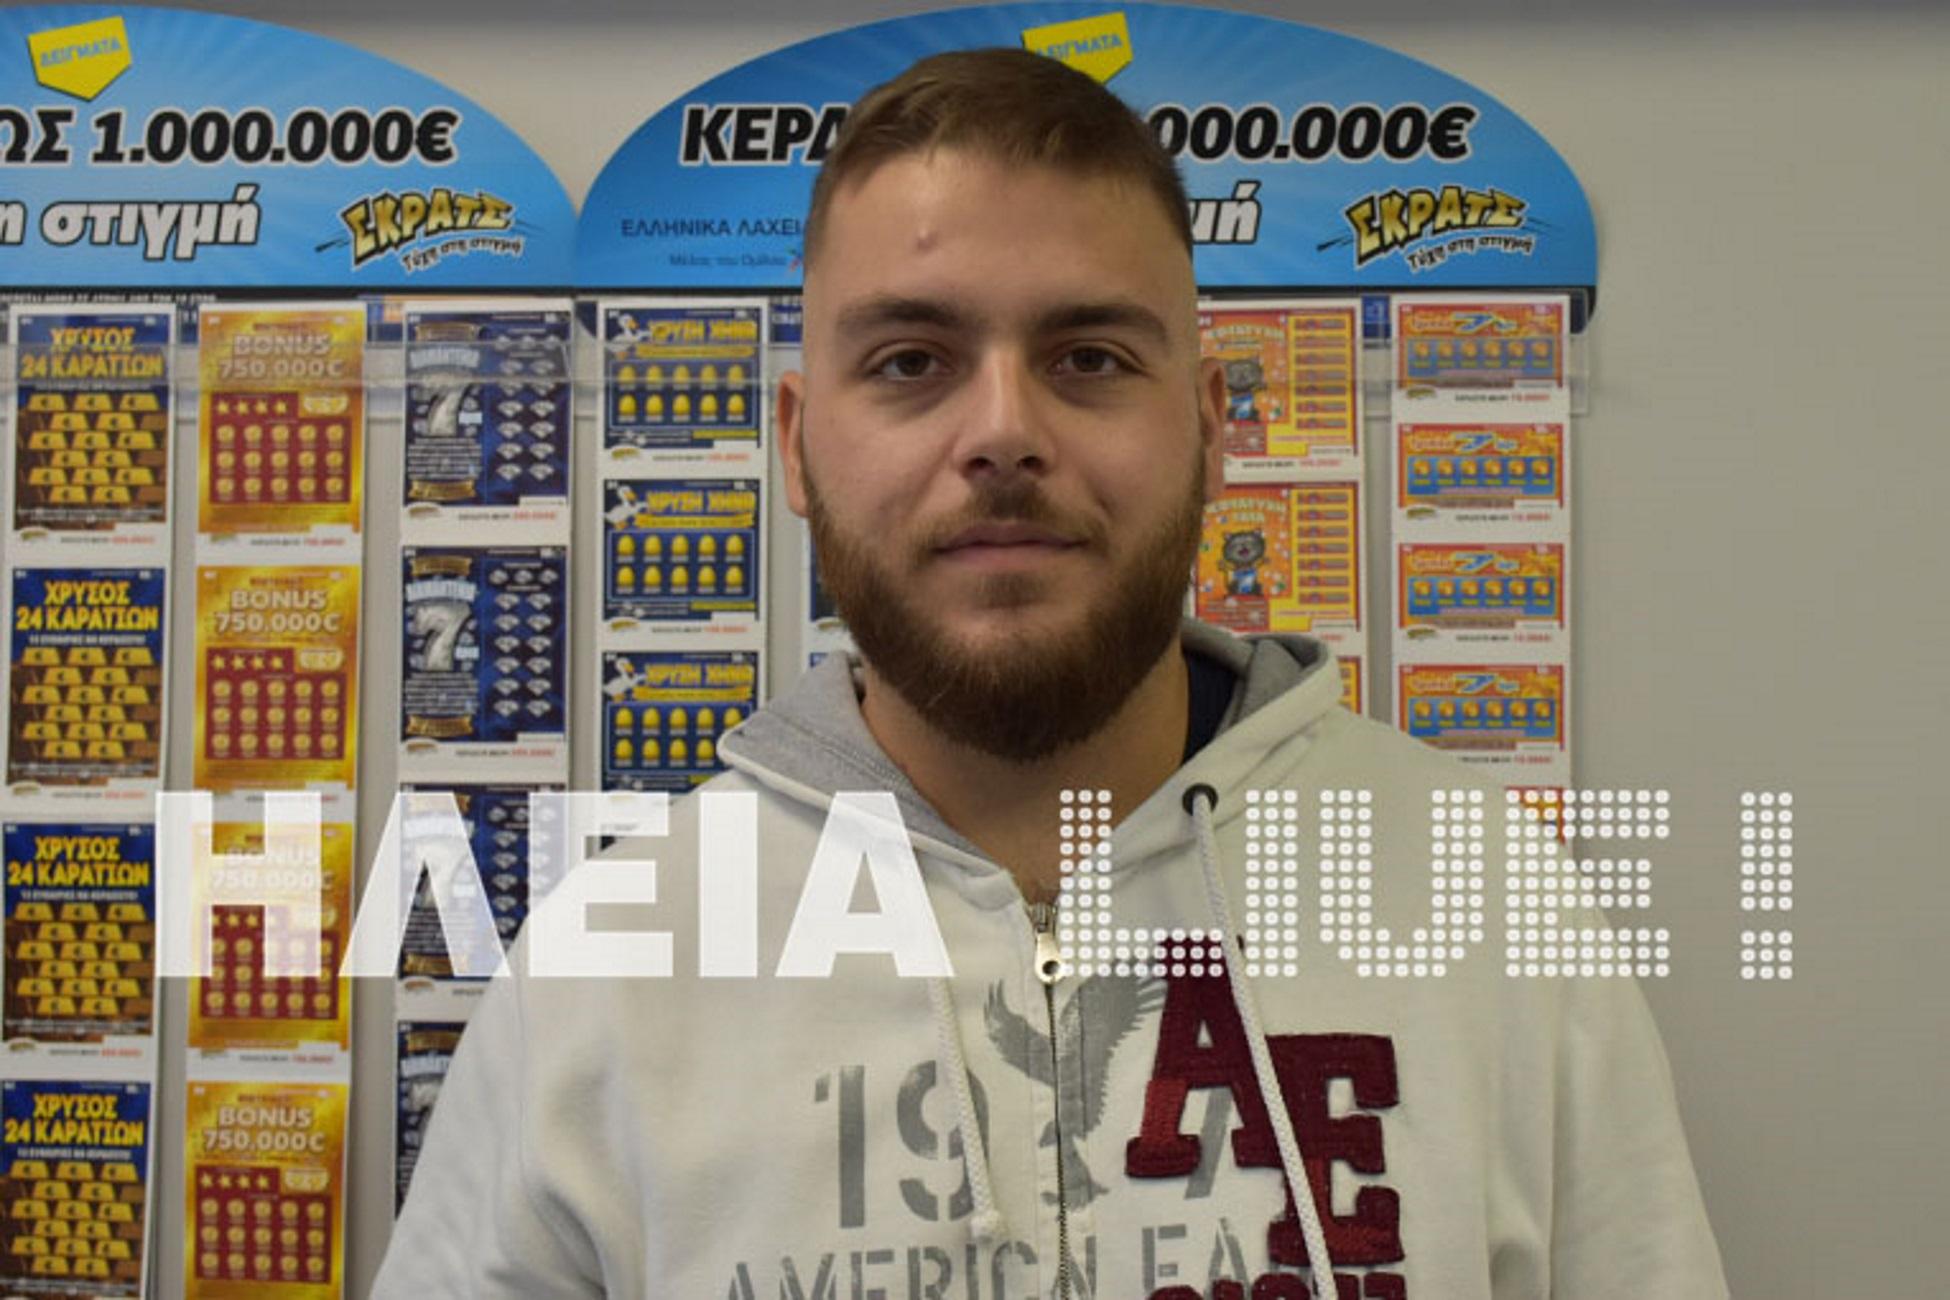 Τζόκερ: Έπαιξε 6 νούμερα πάνω, άλλα 4 στο κάτω πεδίο και κέρδισε 900.000 ευρώ – Η πλάκα μετά την κλήρωση [pics]